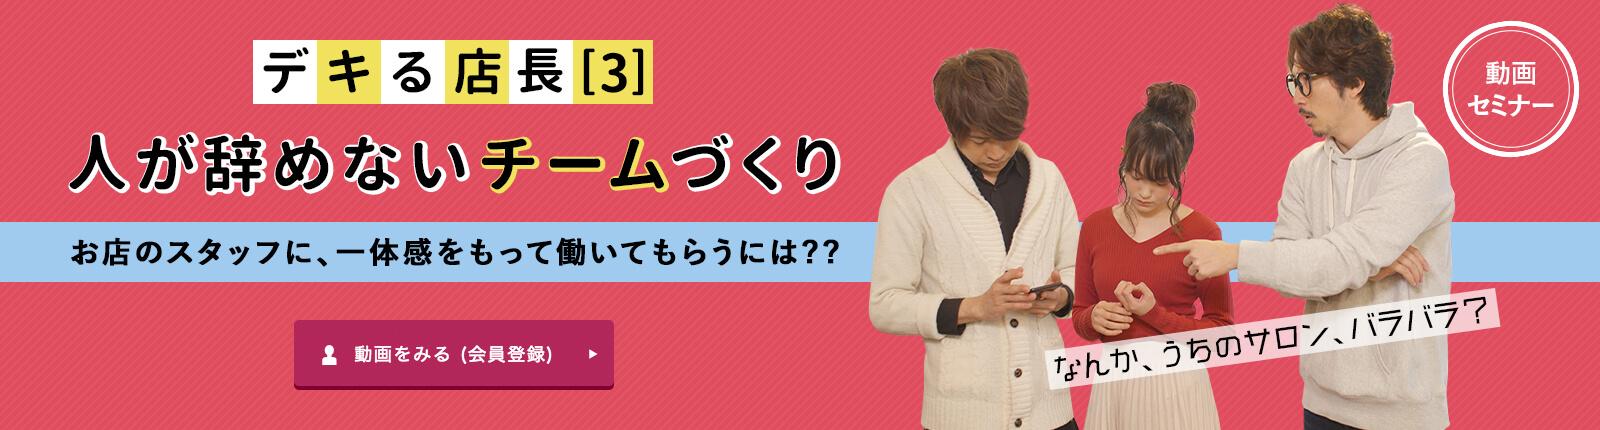 動画セミナー デキる店長【3】人が辞めないチームづくり